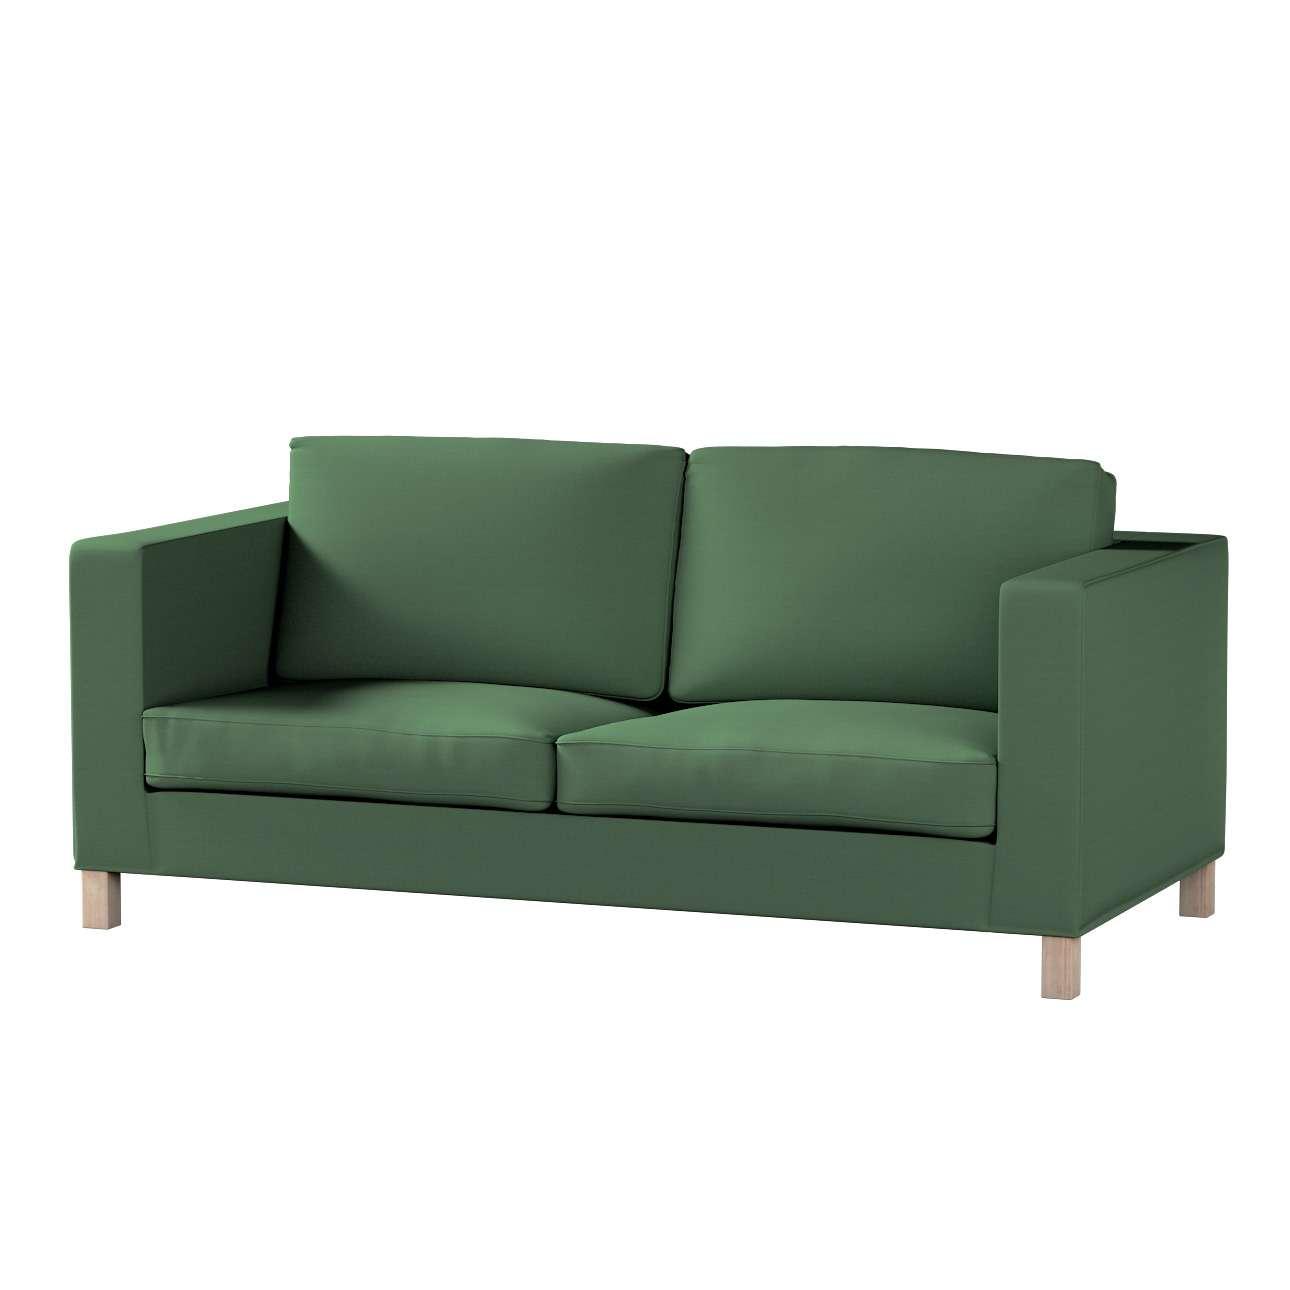 KARLANDA sofos lovos užvalkalas KARLANDA sofos lovos užvalkalas kolekcijoje Cotton Panama, audinys: 702-06